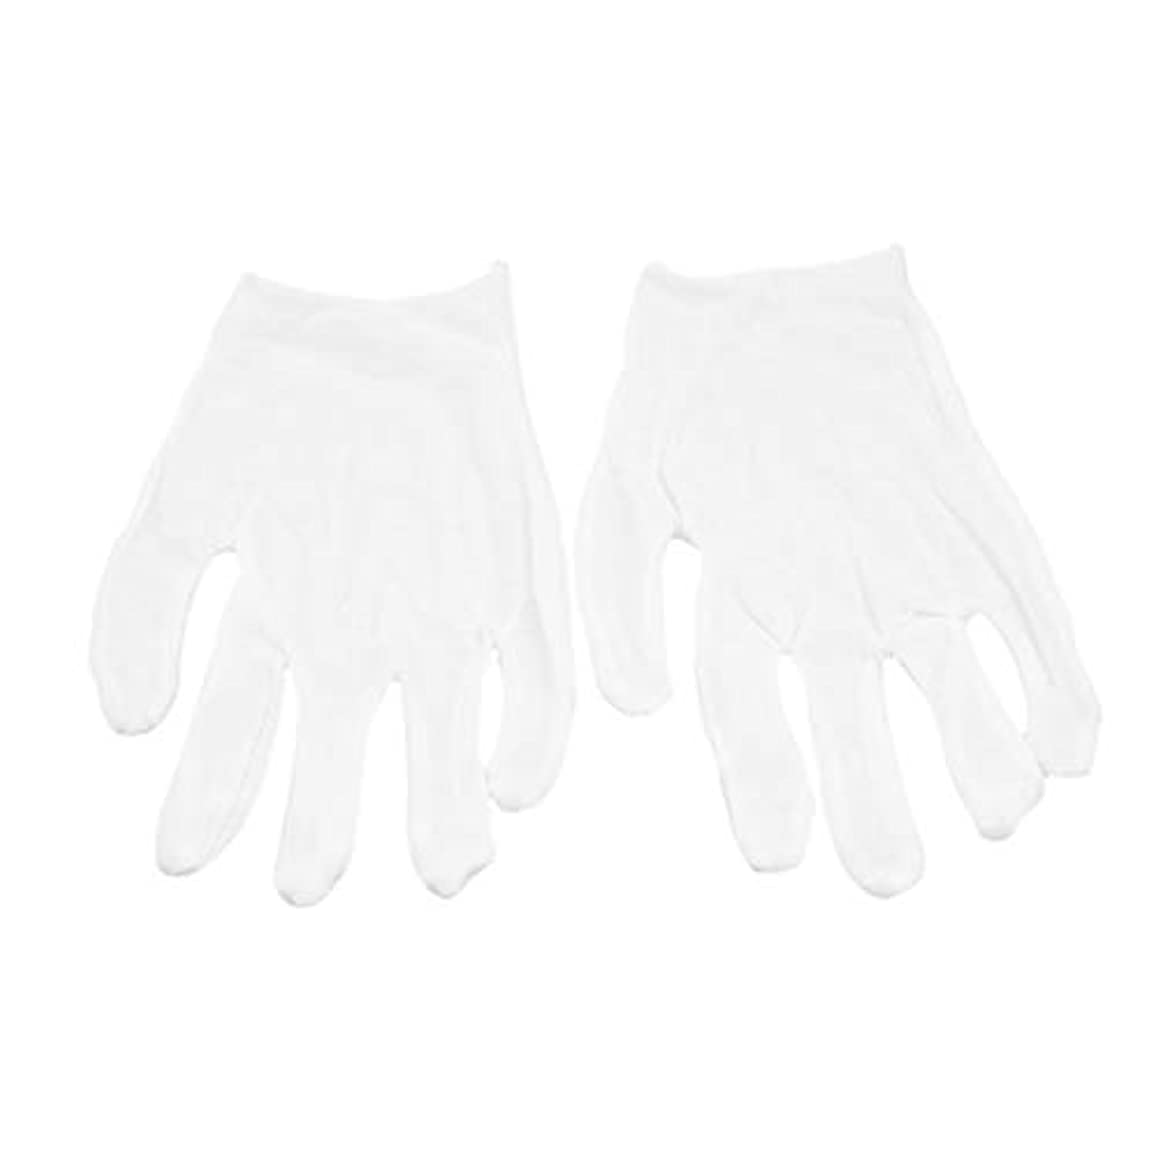 無許可ネコ磁石BEE&BlUE 春夏白い手袋コットン手袋 綿手袋 手荒れ 純綿 使い捨て 白手袋 薄手 お休み 礼装用 作業手袋 極薄